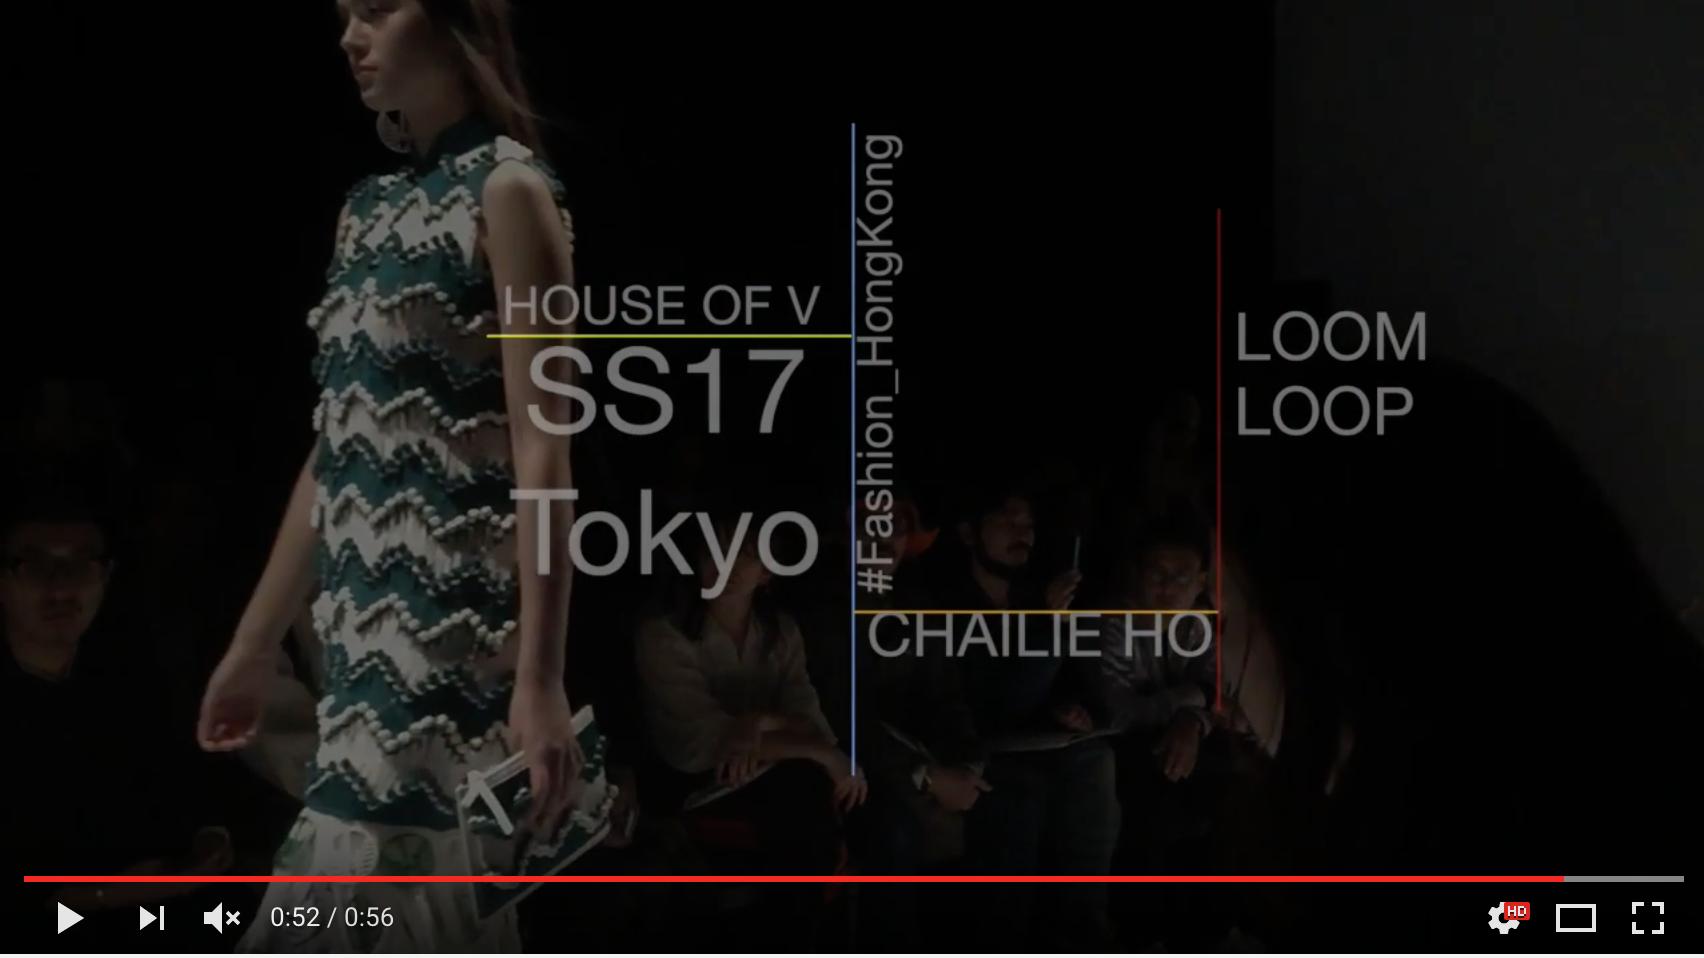 fashion hong kong, image and video by akin abayomi